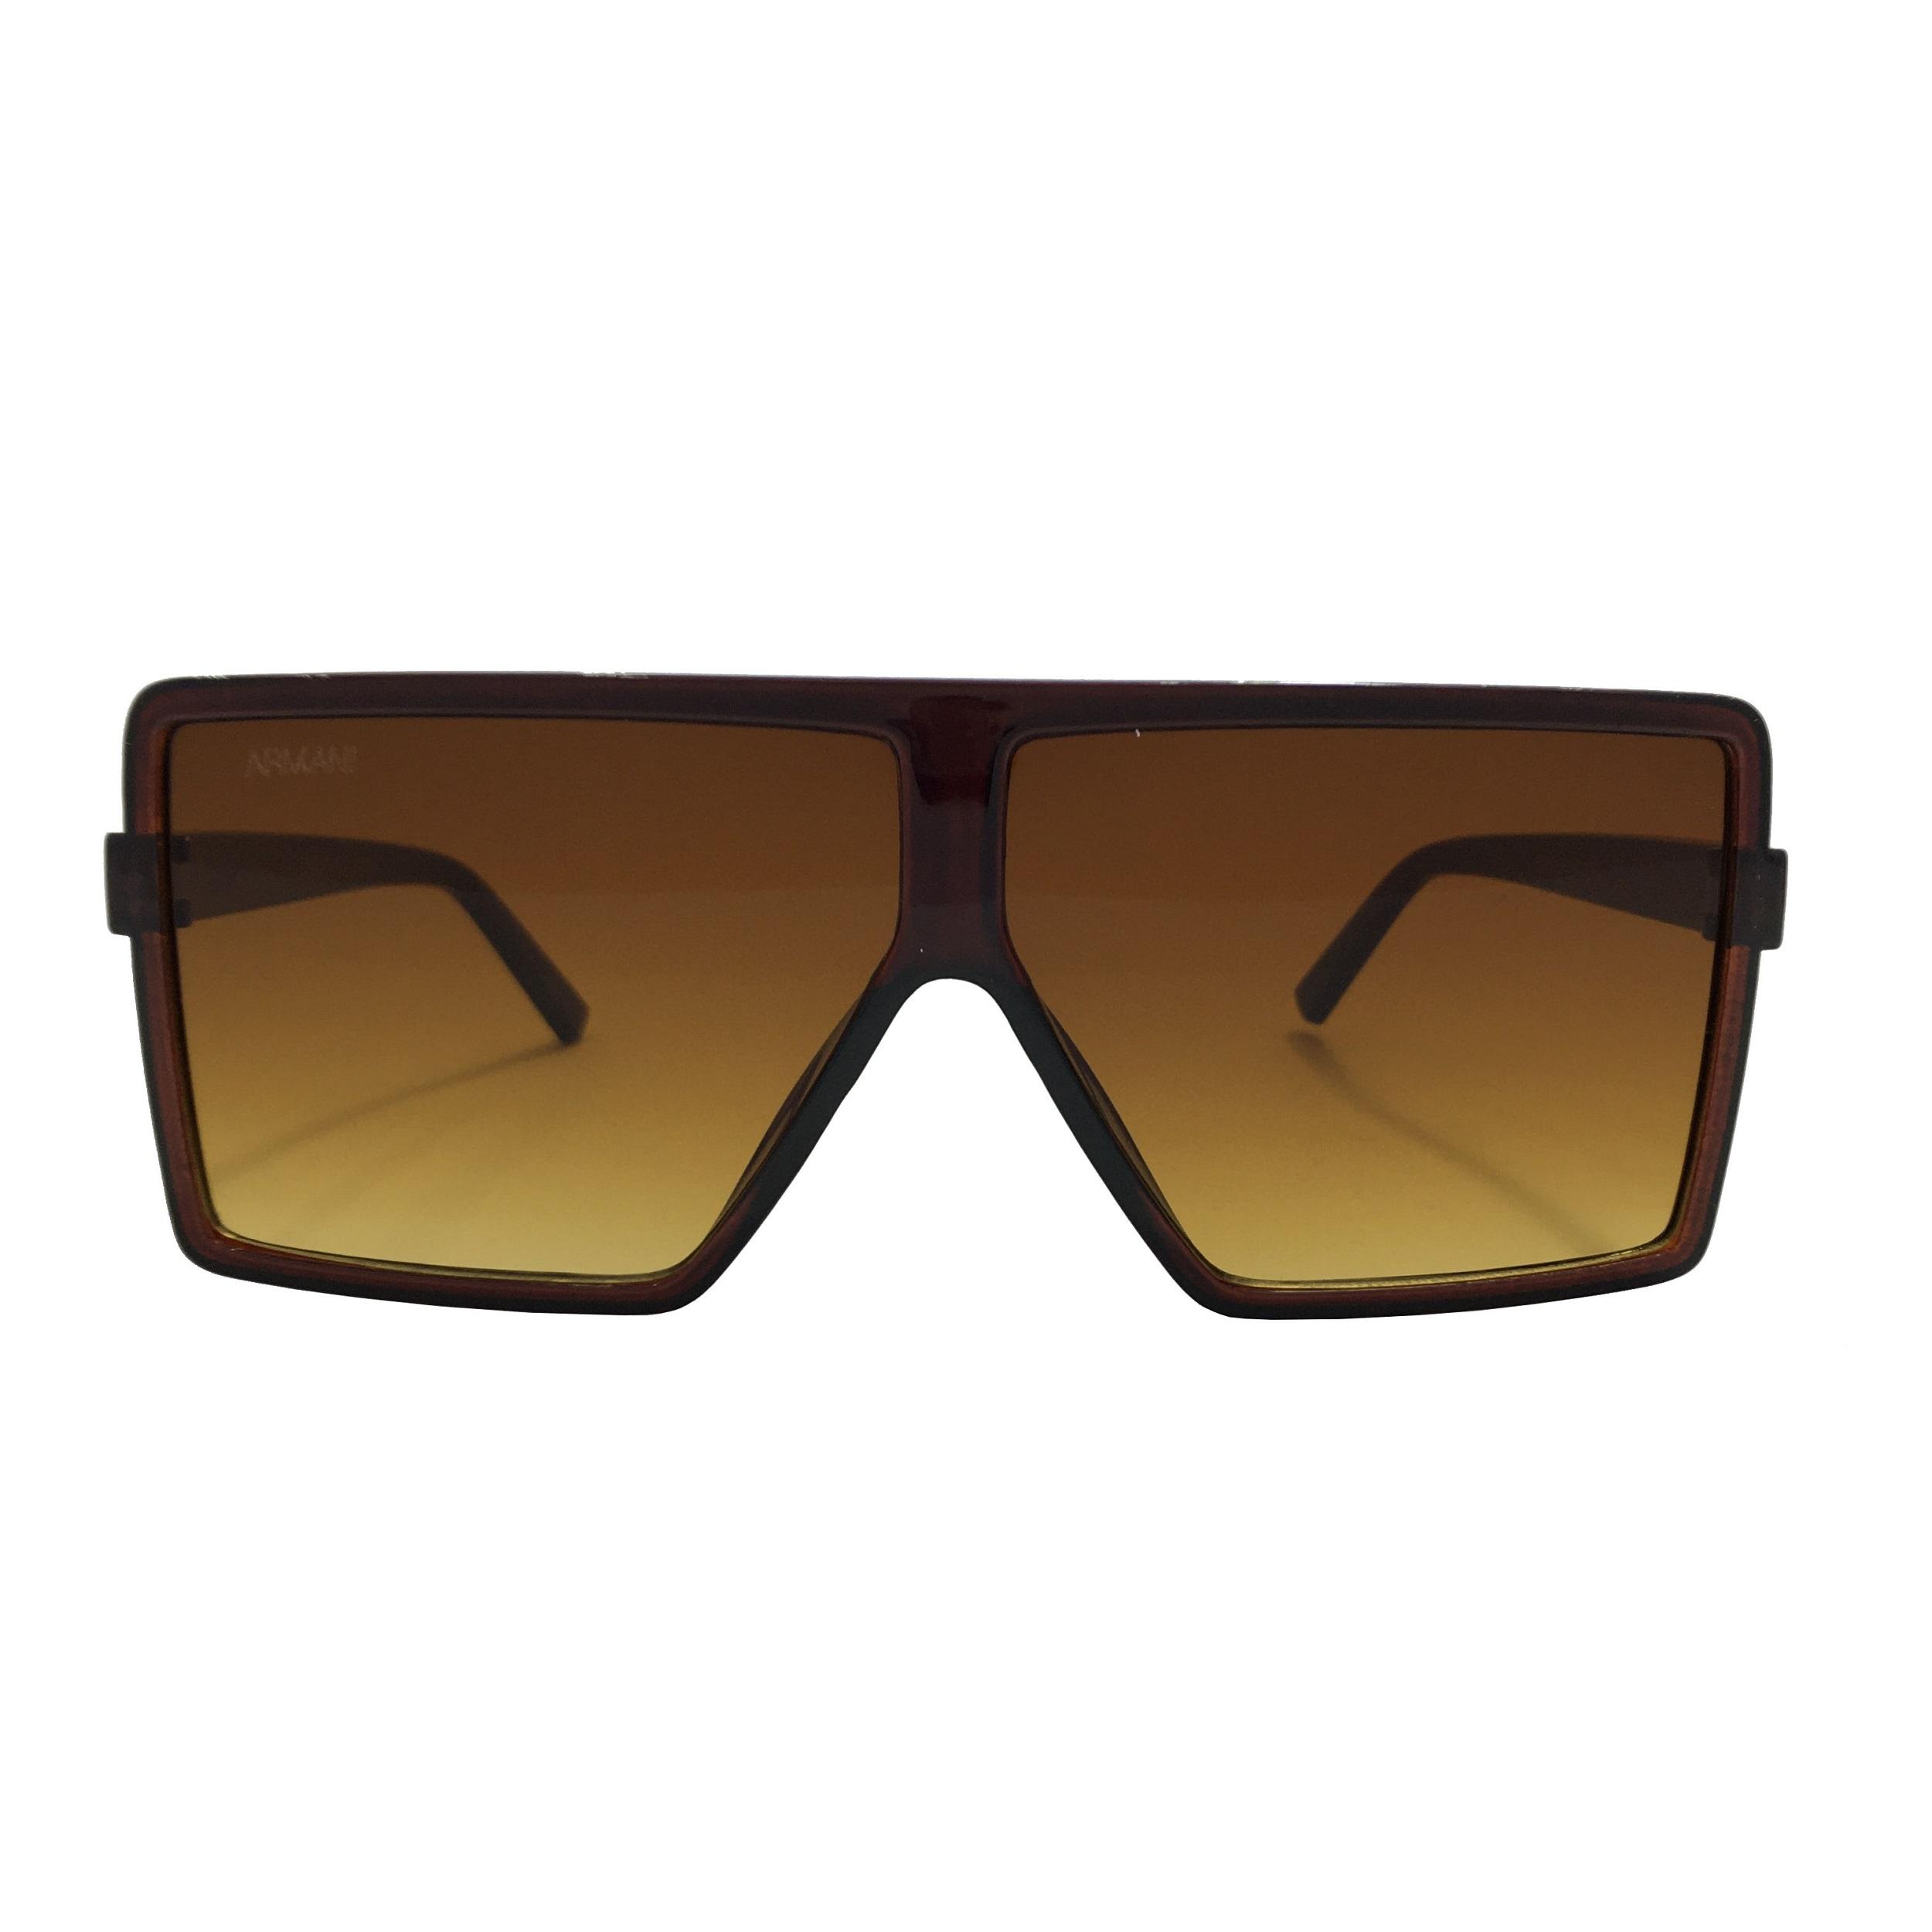 عینک آفتابی  مدل ال 19219                     غیر اصل